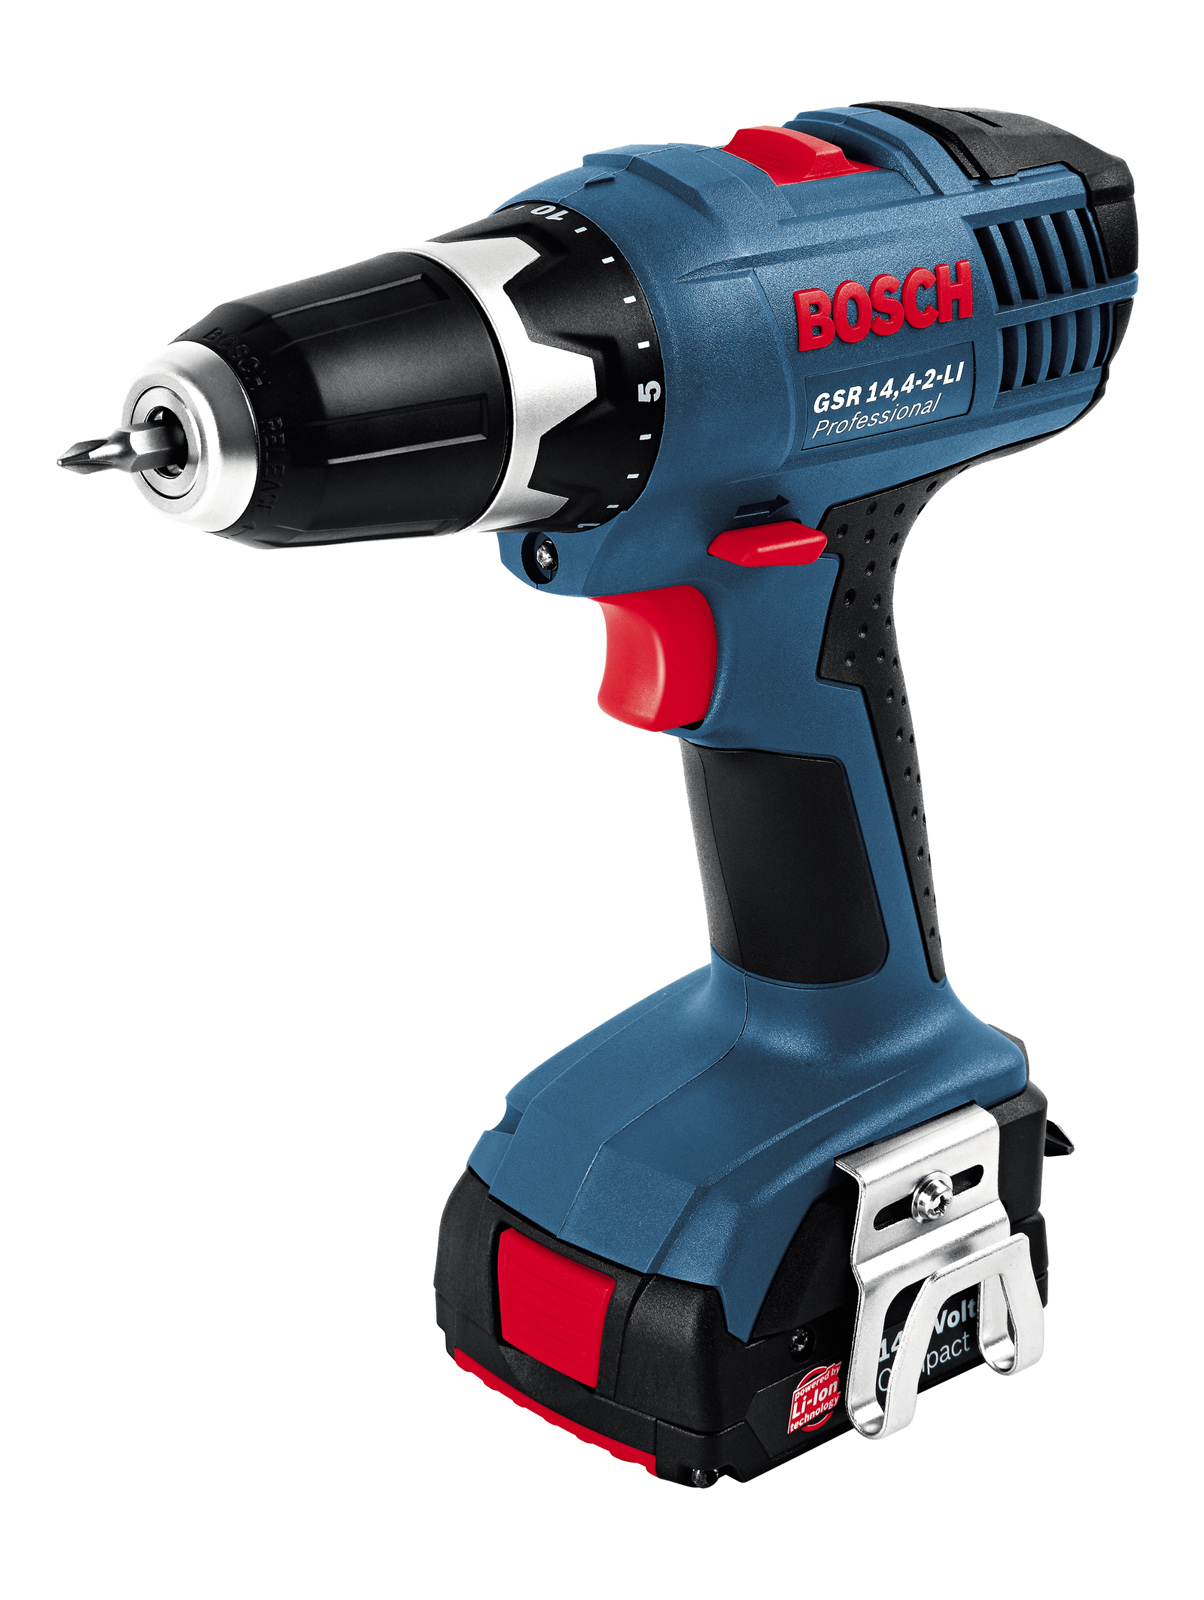 Bosch 14.4 2 5